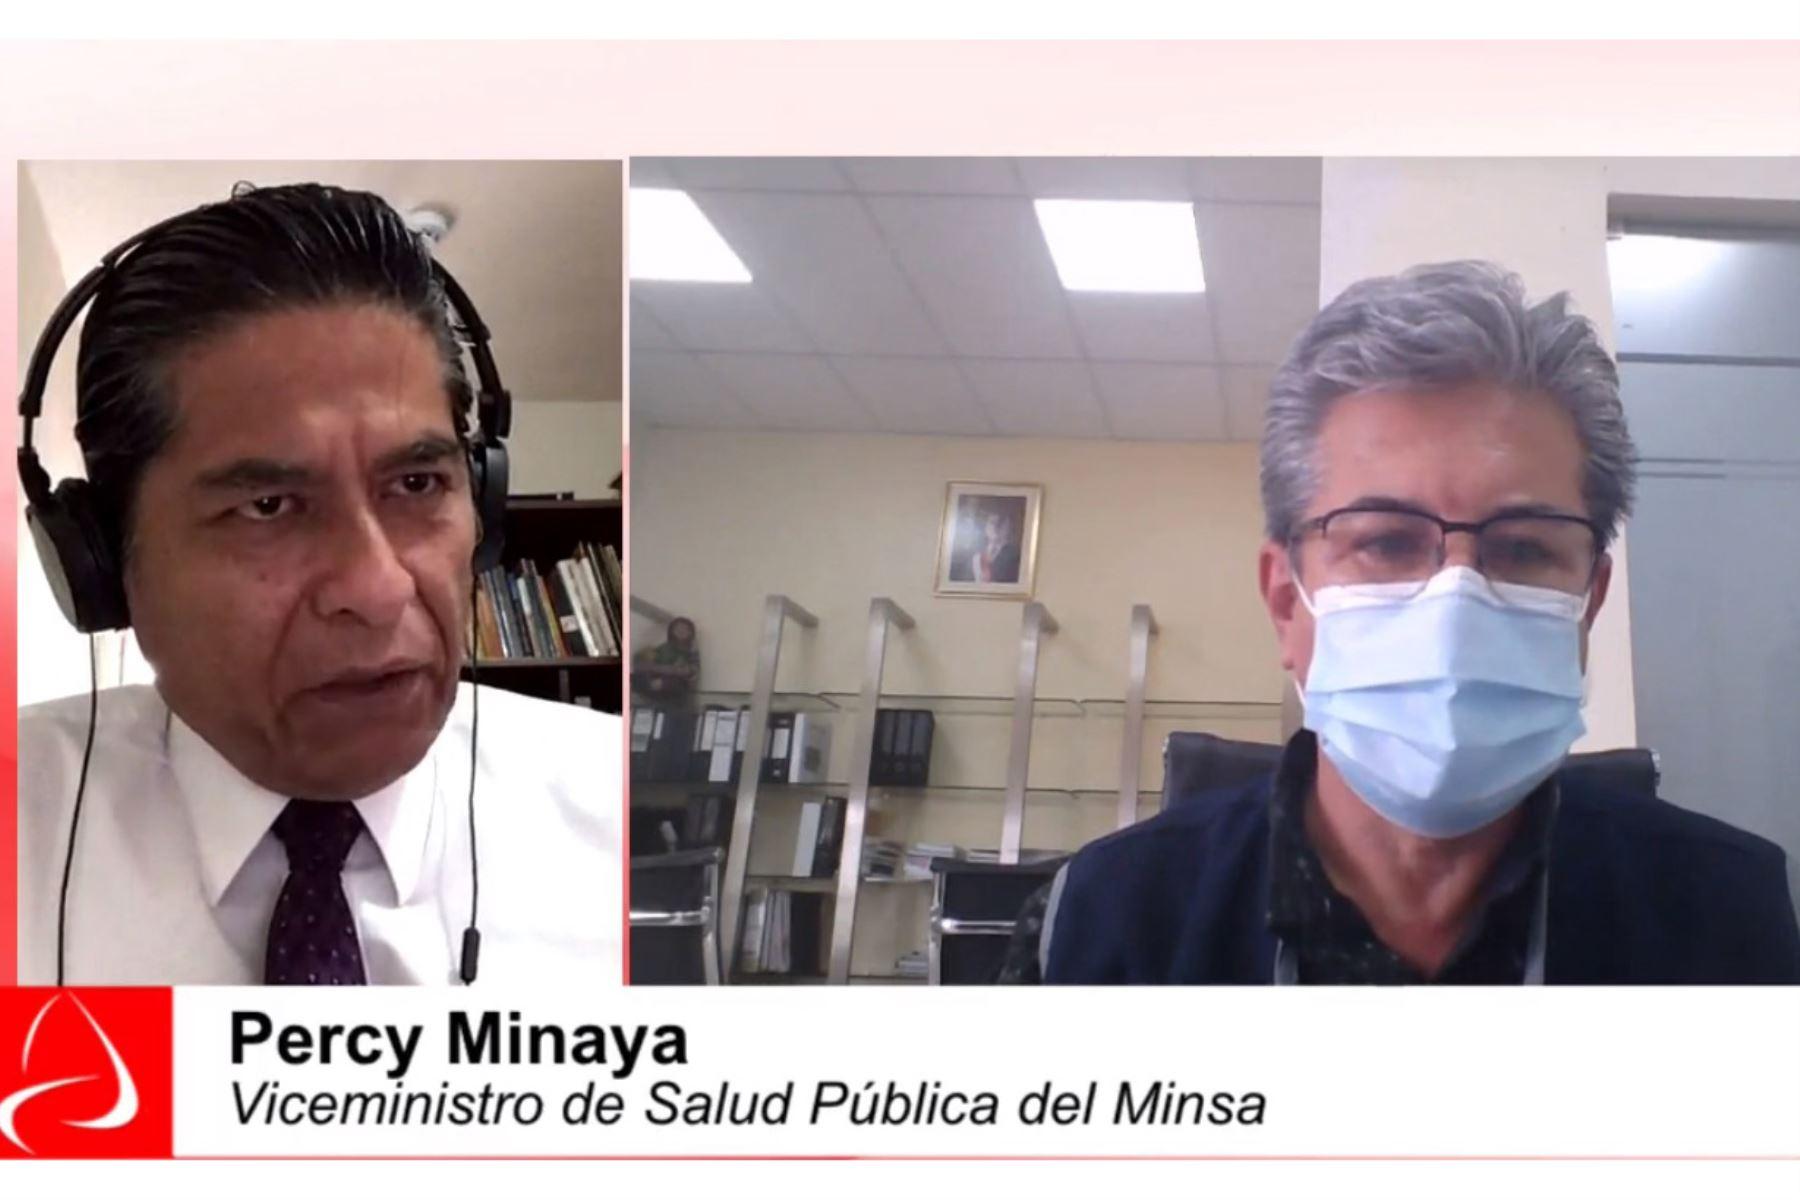 El viceministro de Salud Pública, Percy Minaya León, informó que ya está prevista la compra de concentradores de oxígeno y plantas medianas de producción del insumo. Foto: Captura TV